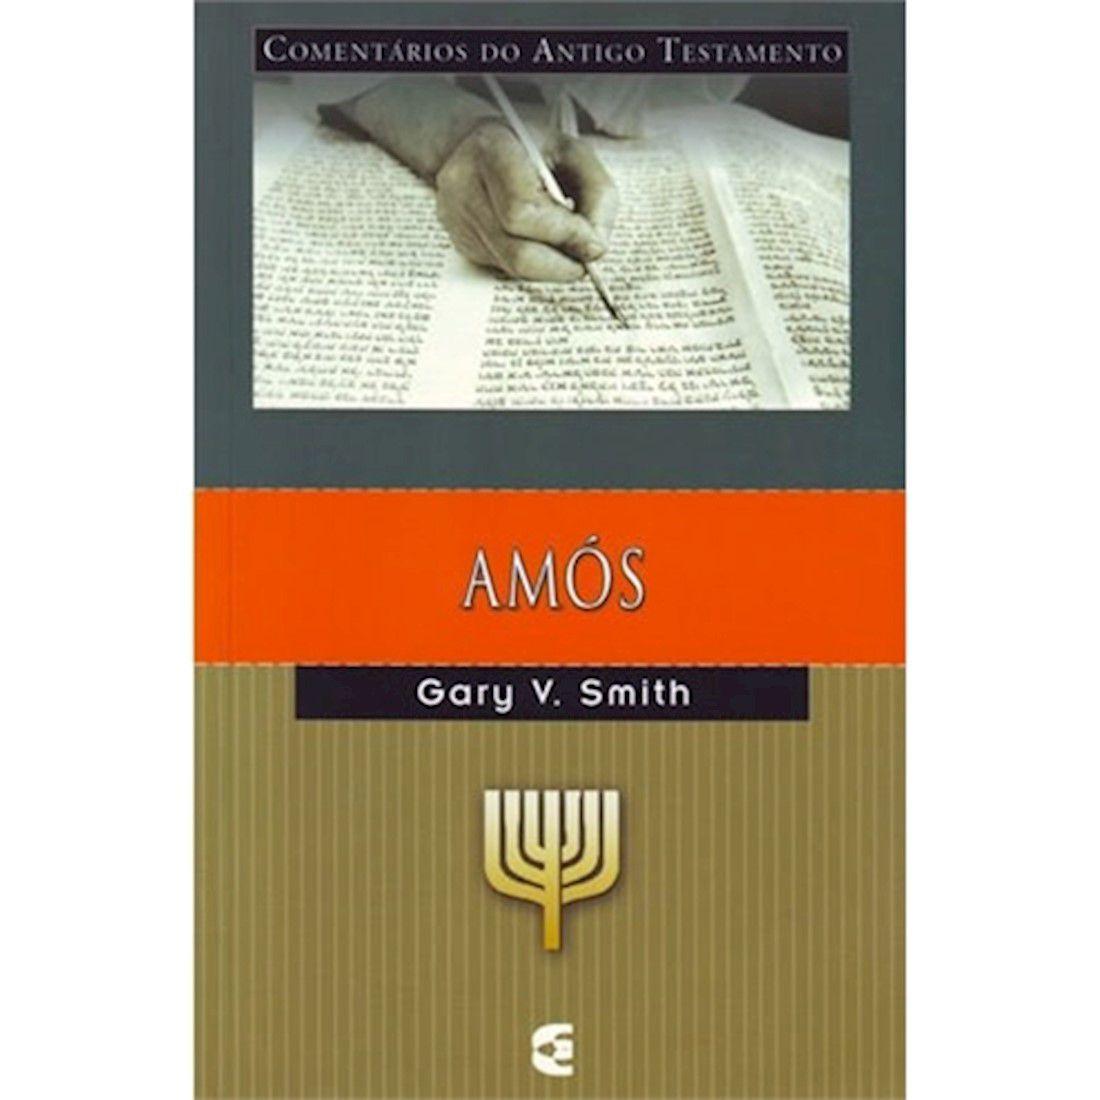 Livro Comentário do Antigo Testamento - Amós